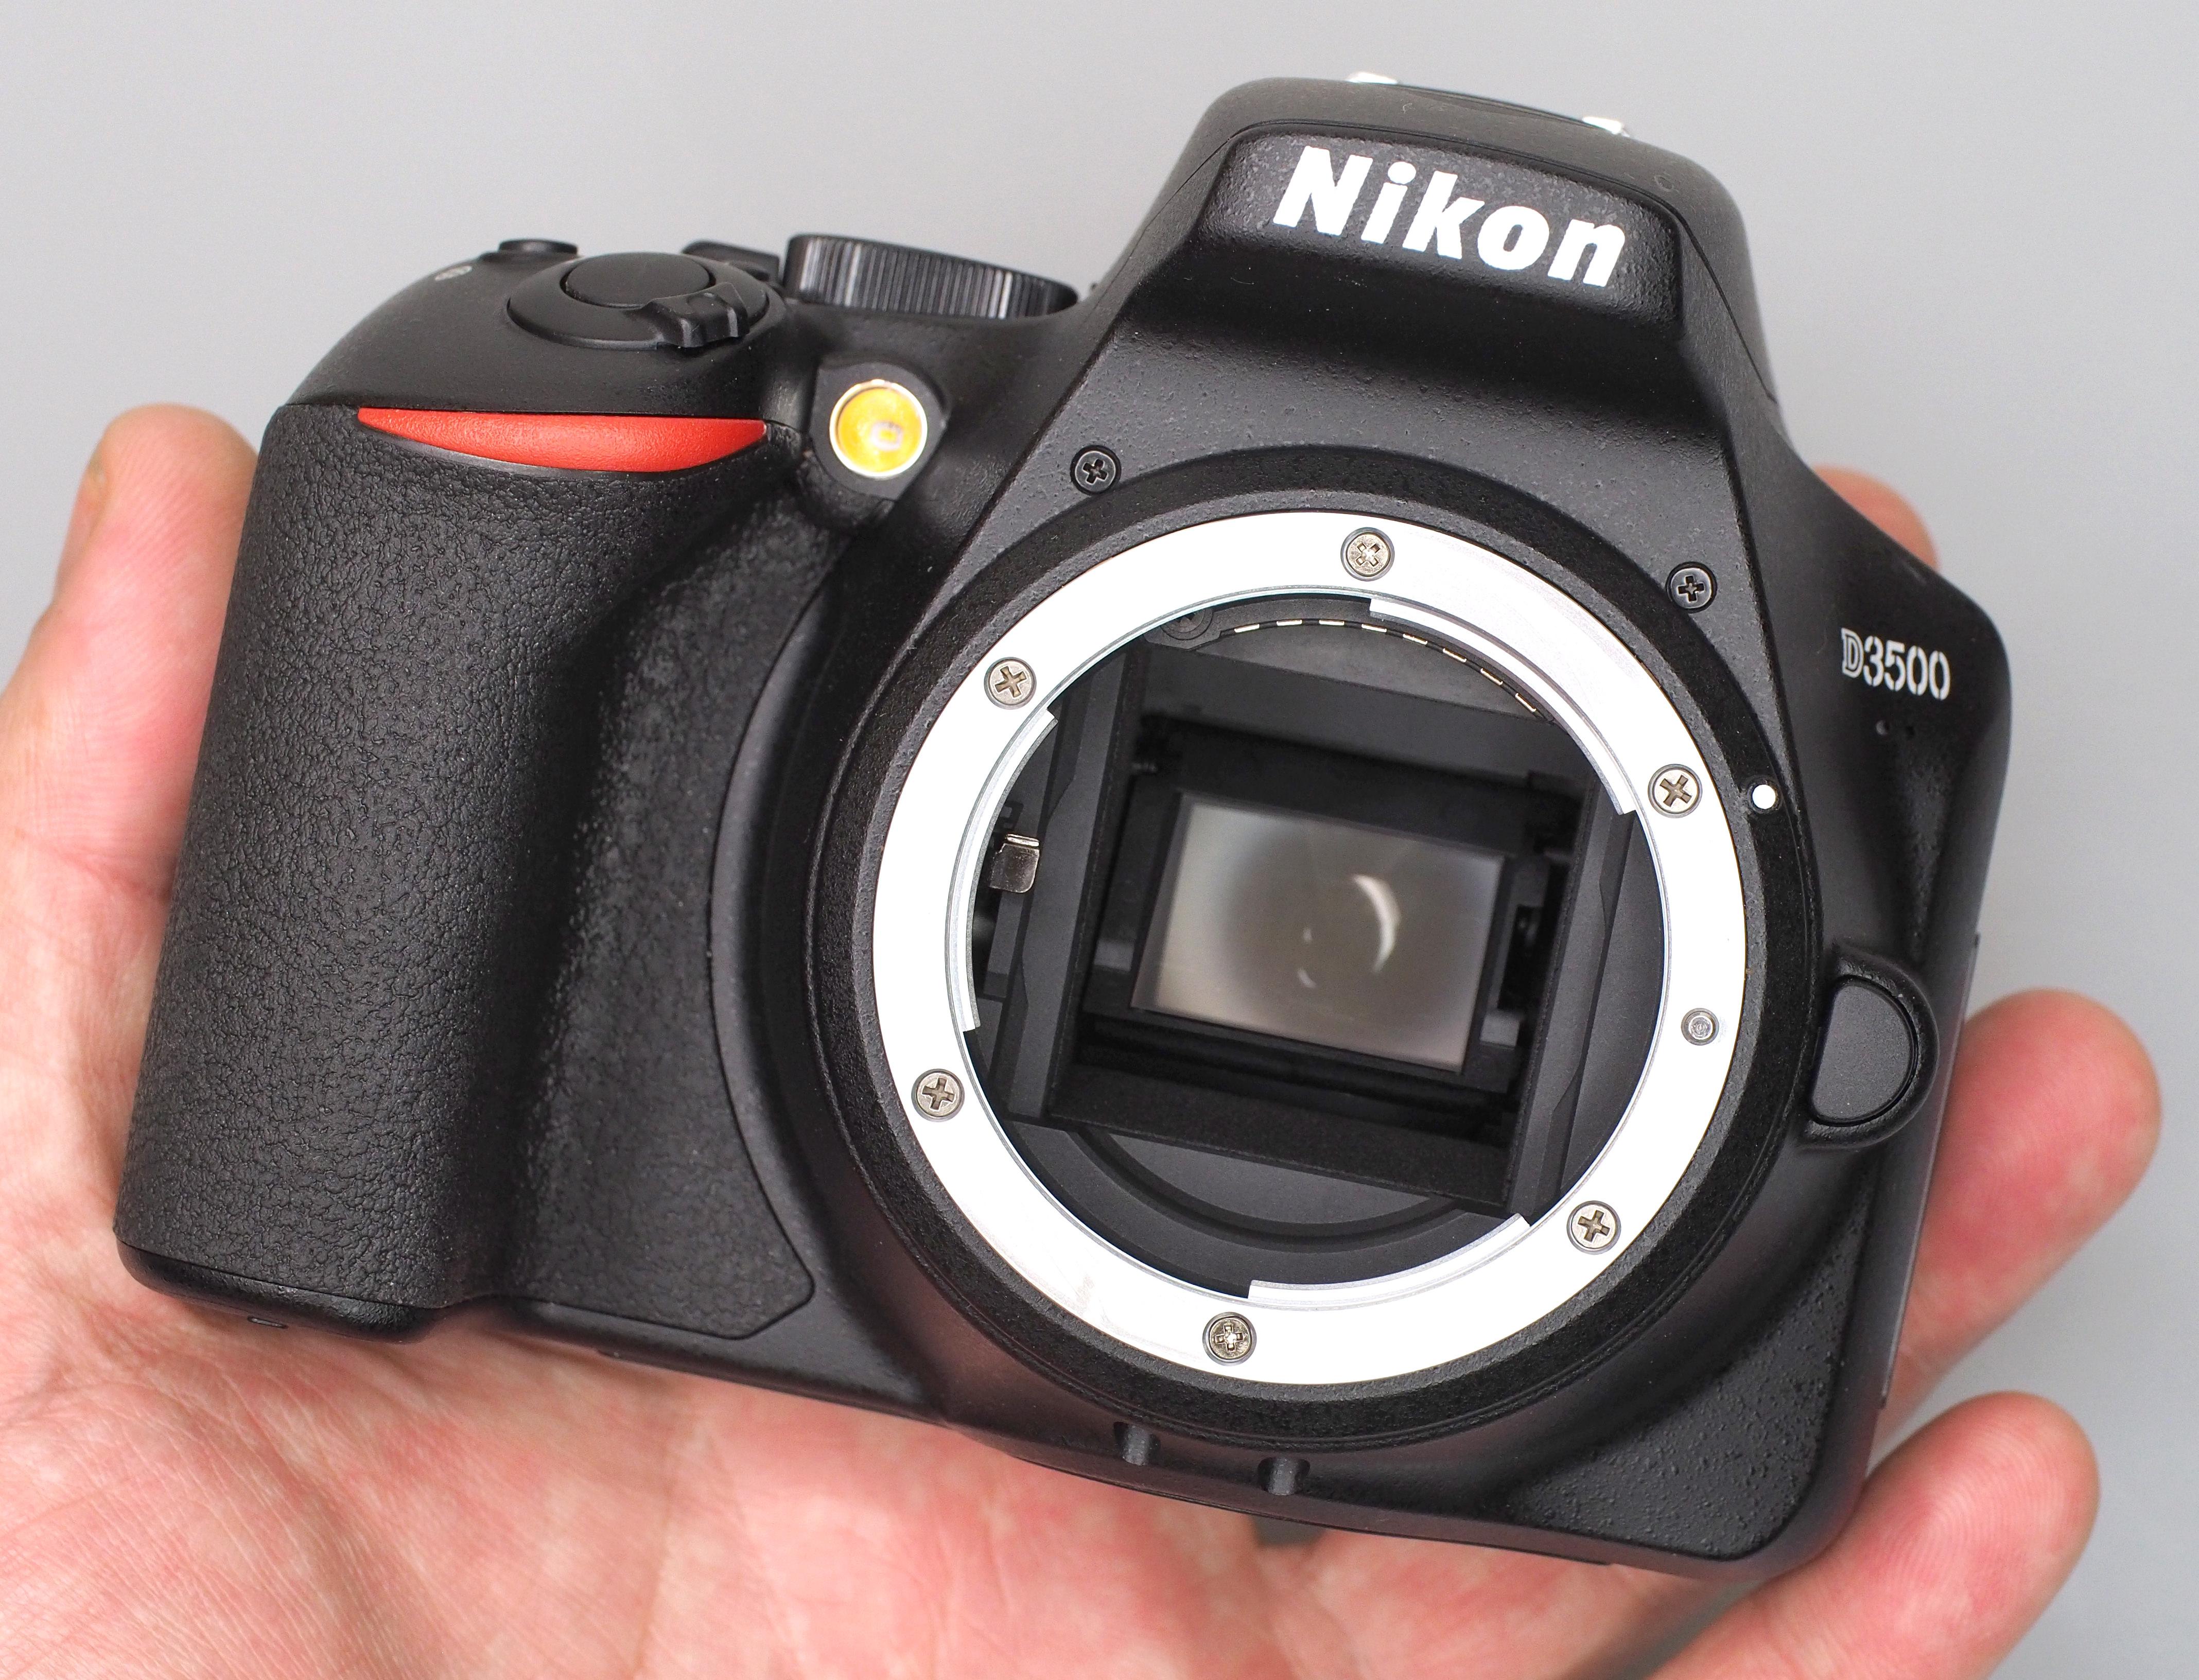 Nikon D3500 Review - Verdict | ePHOTOzine